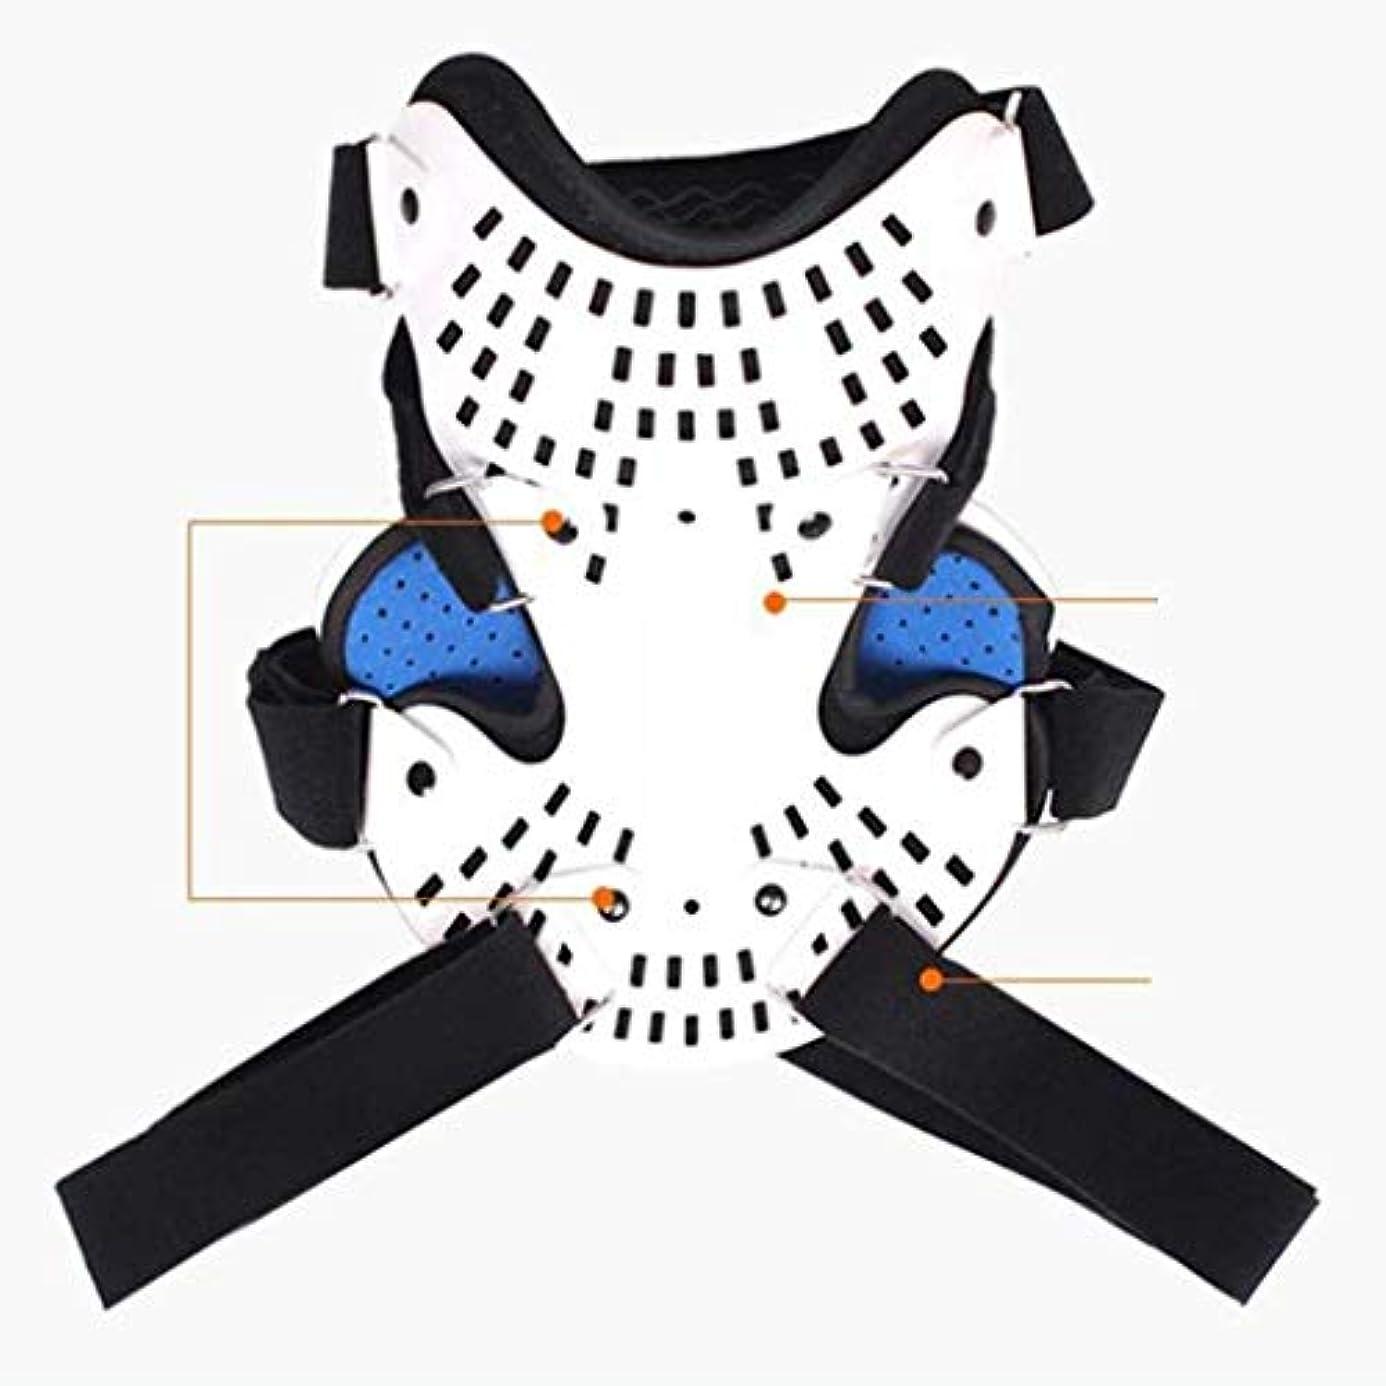 混乱させる先のことを考えるお金ゴム首のマッサージャー、首の牽引装置 - 首と肩の痛みを軽減 - 担架首/家族は脊椎矯正を向上させます